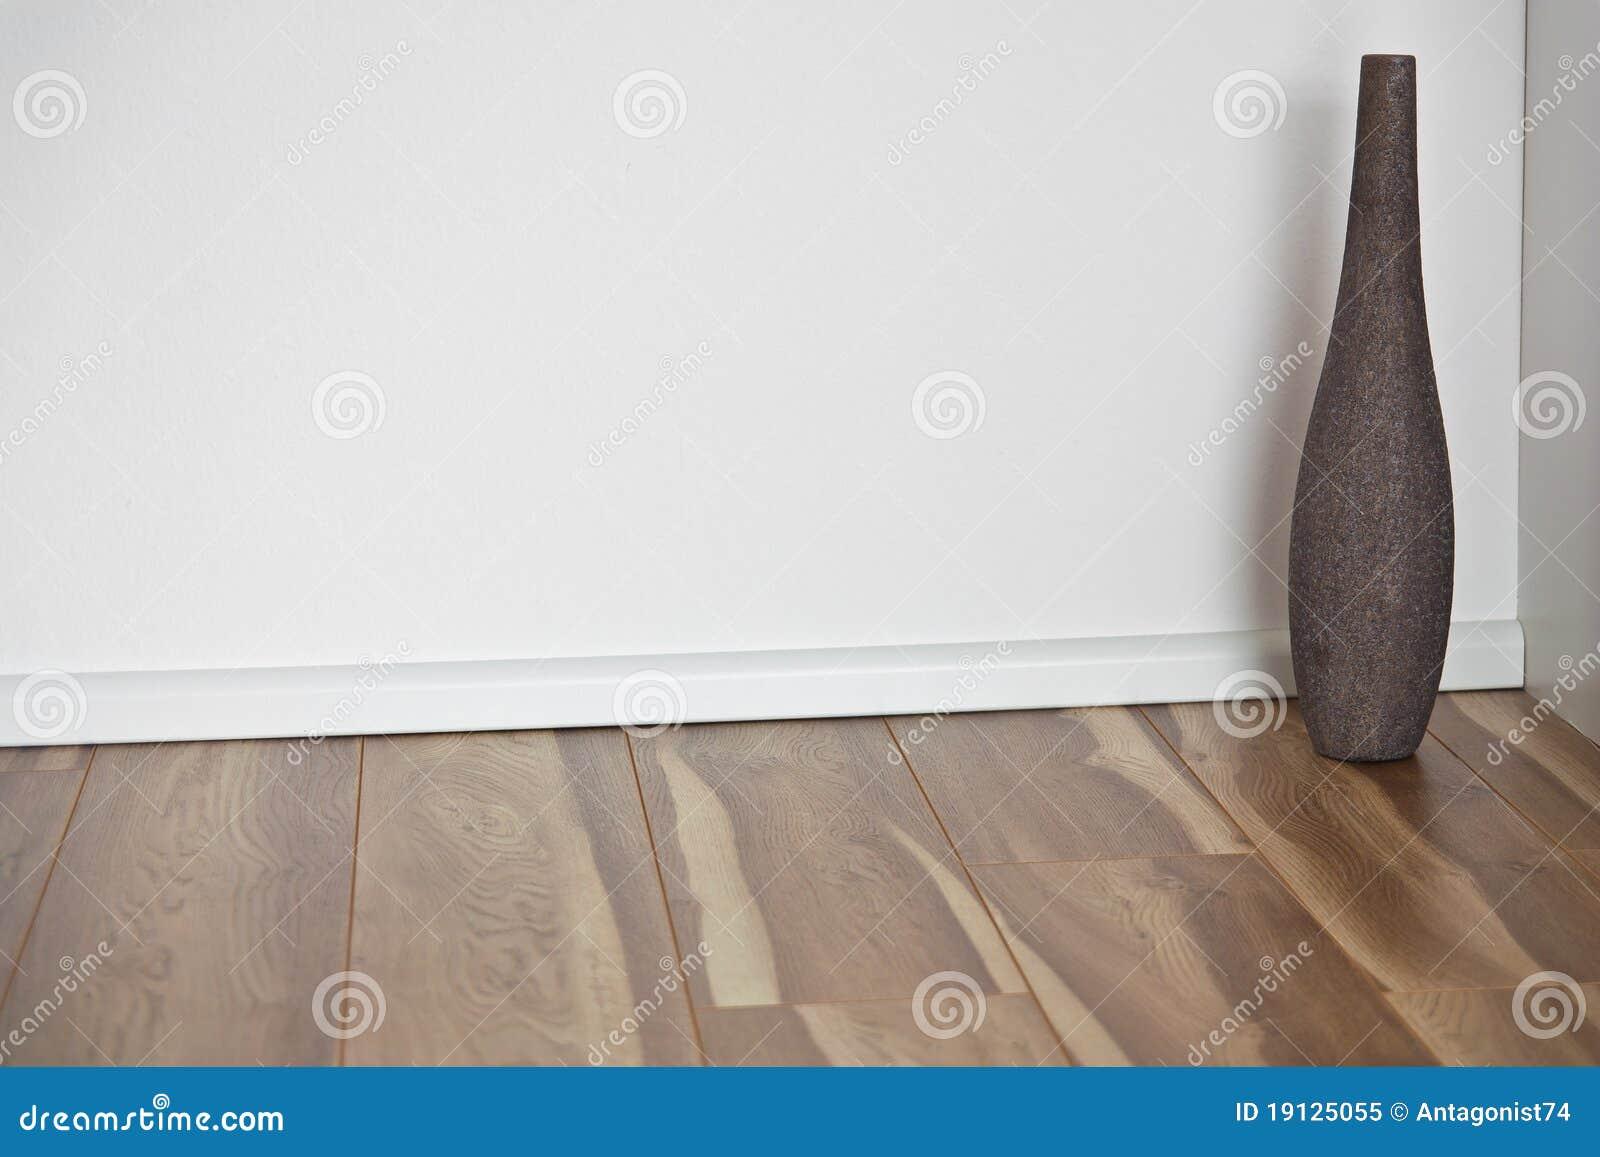 Houten vloer met witte muur en vaas royalty vrije stock foto afbeelding 19125055 - Binnenkleuren met witte muur ...